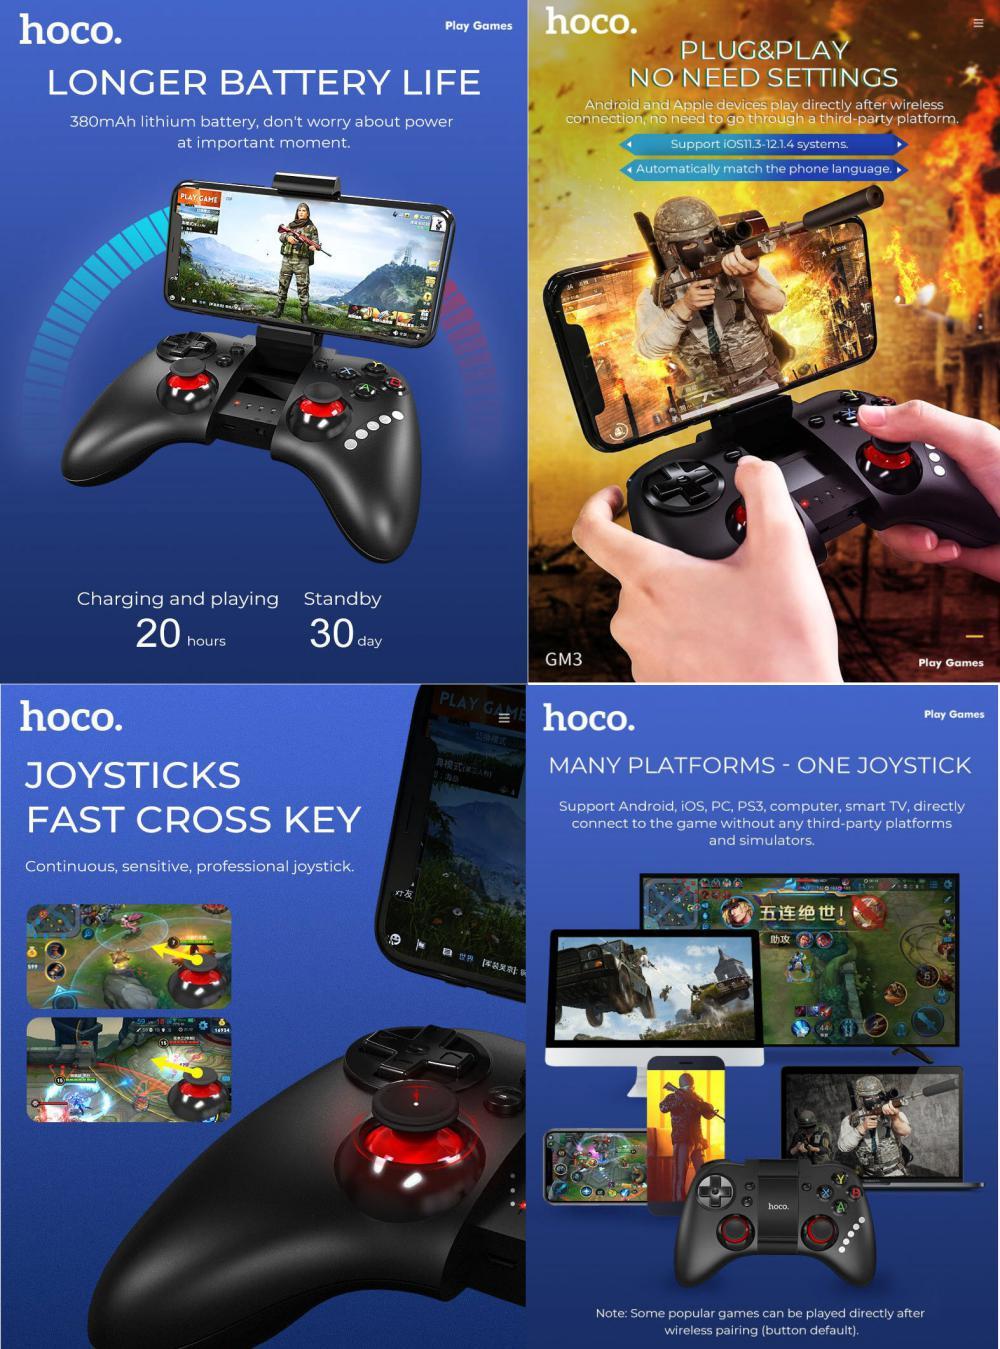 Hoco Gm3 Continuous Play Gamepad (4)